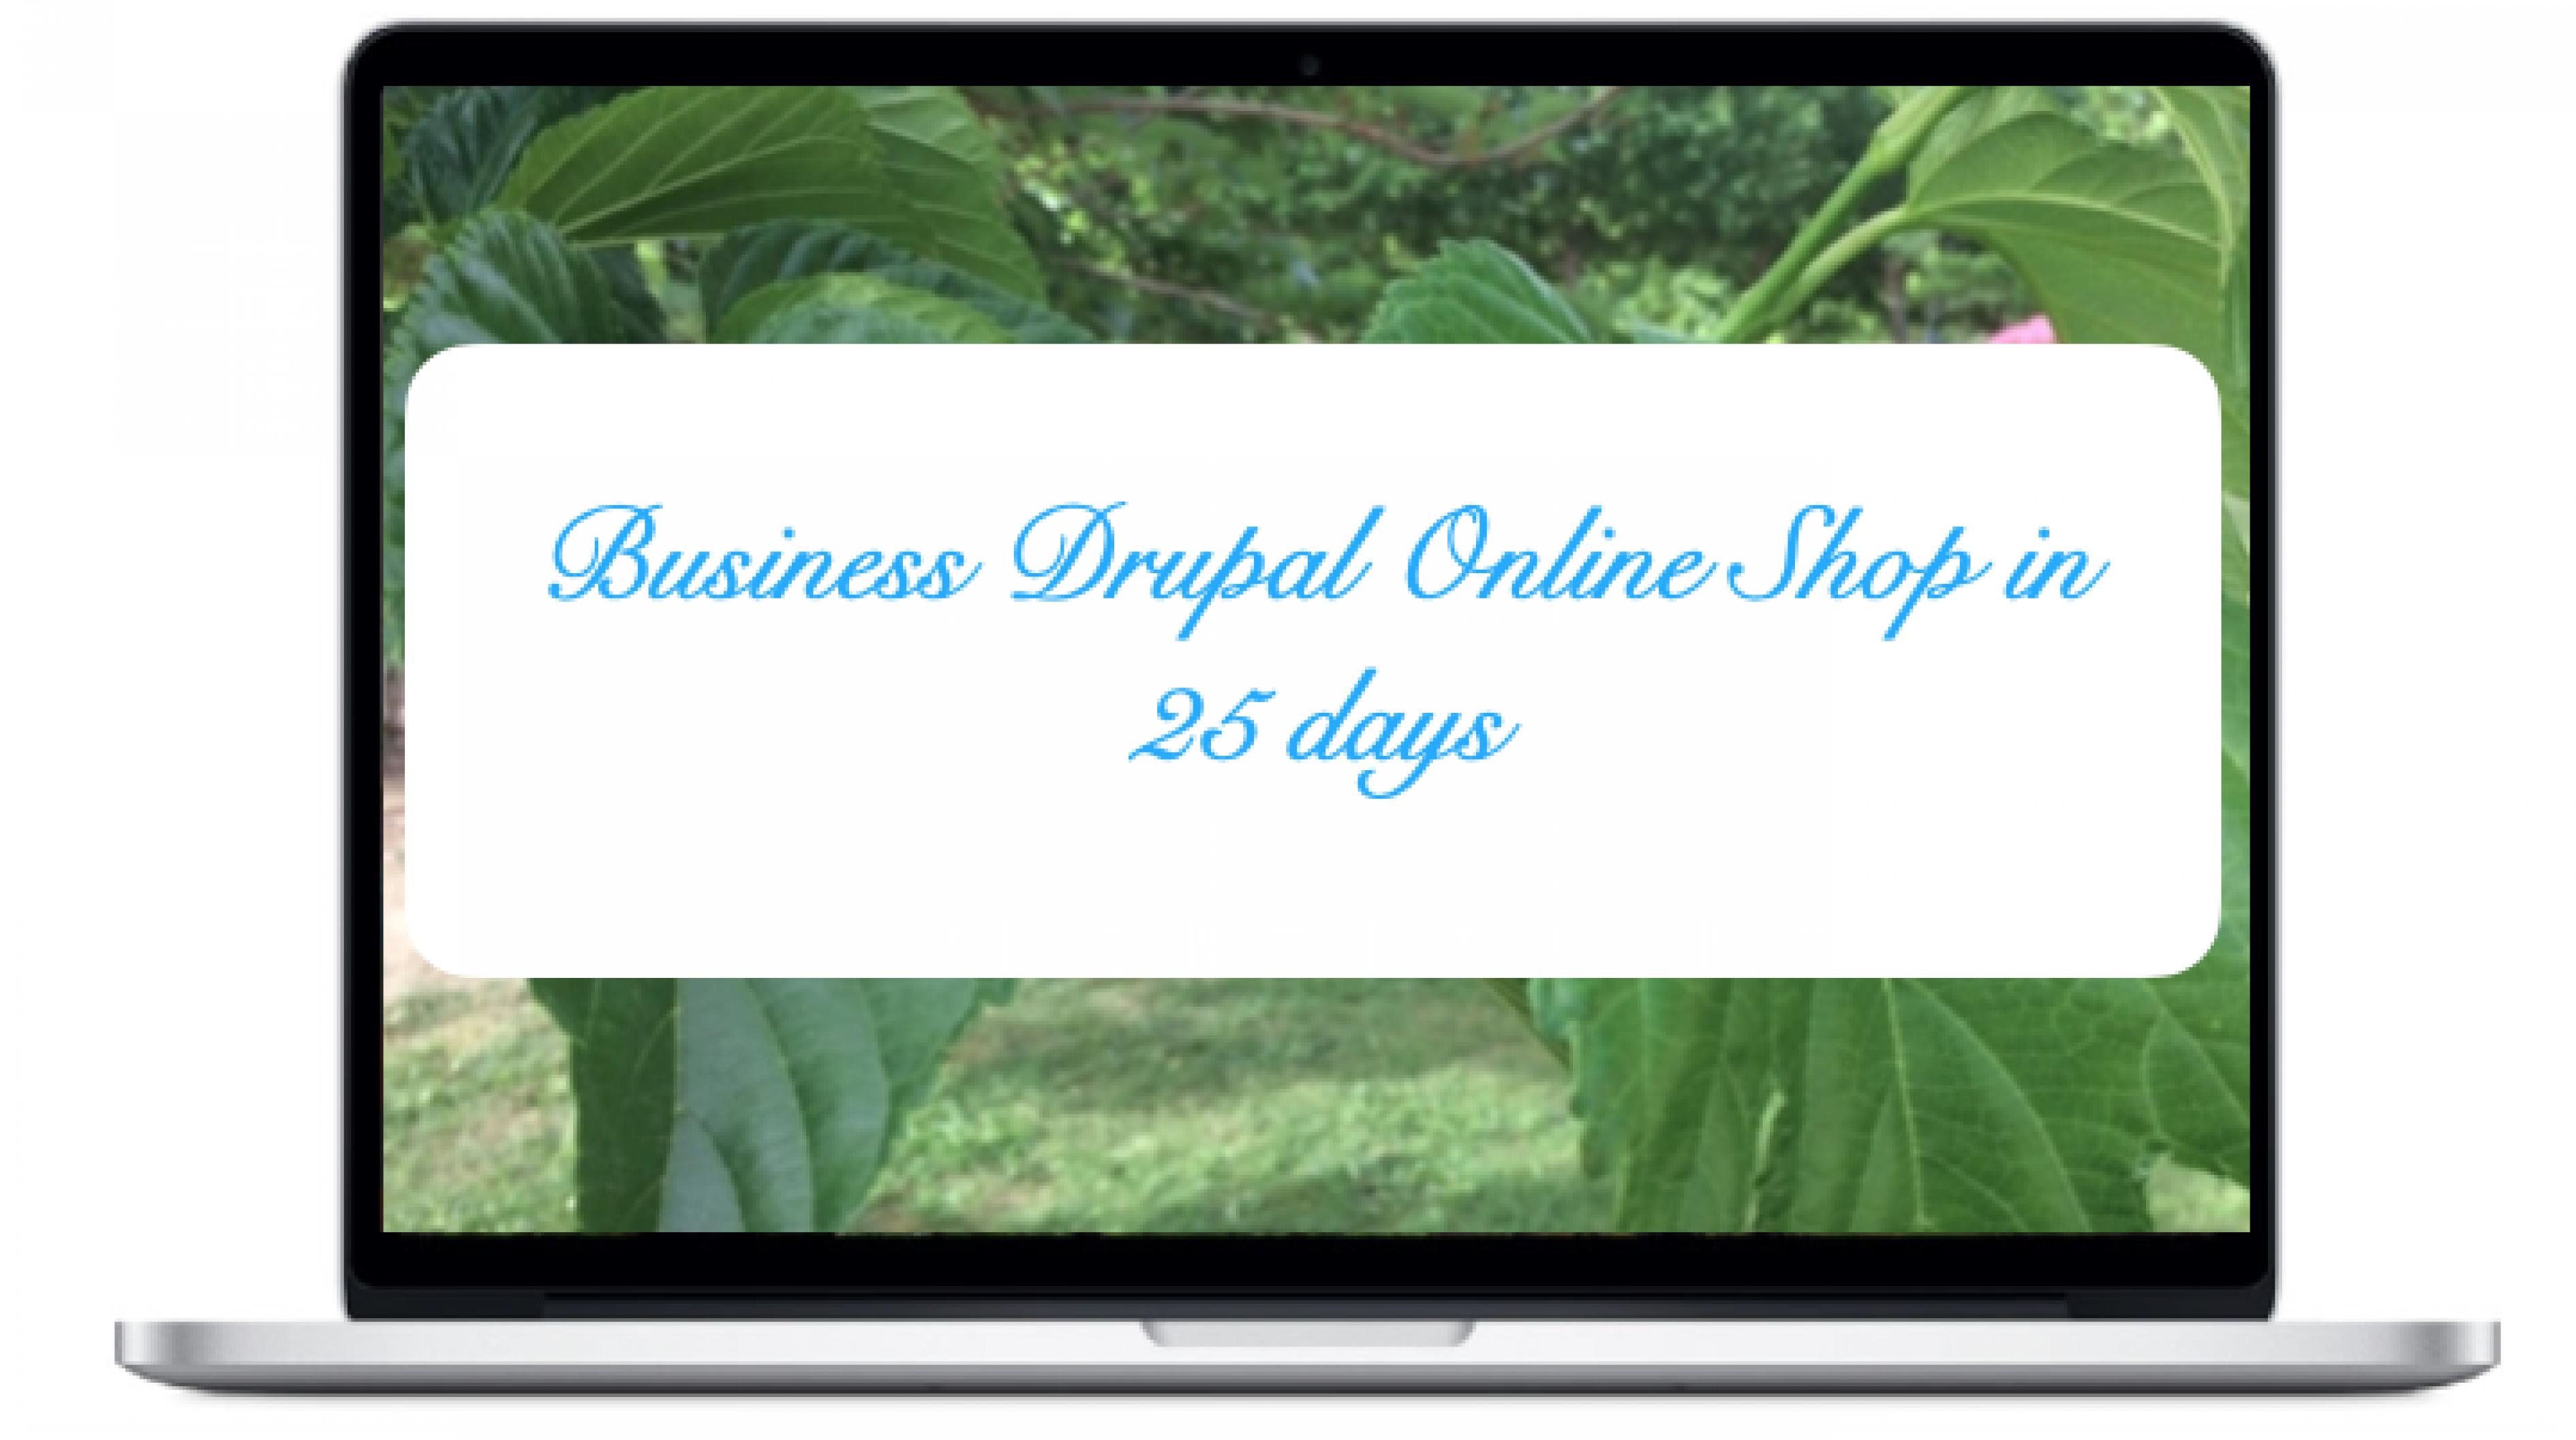 business-drupal-online-shop-in-25-days.png